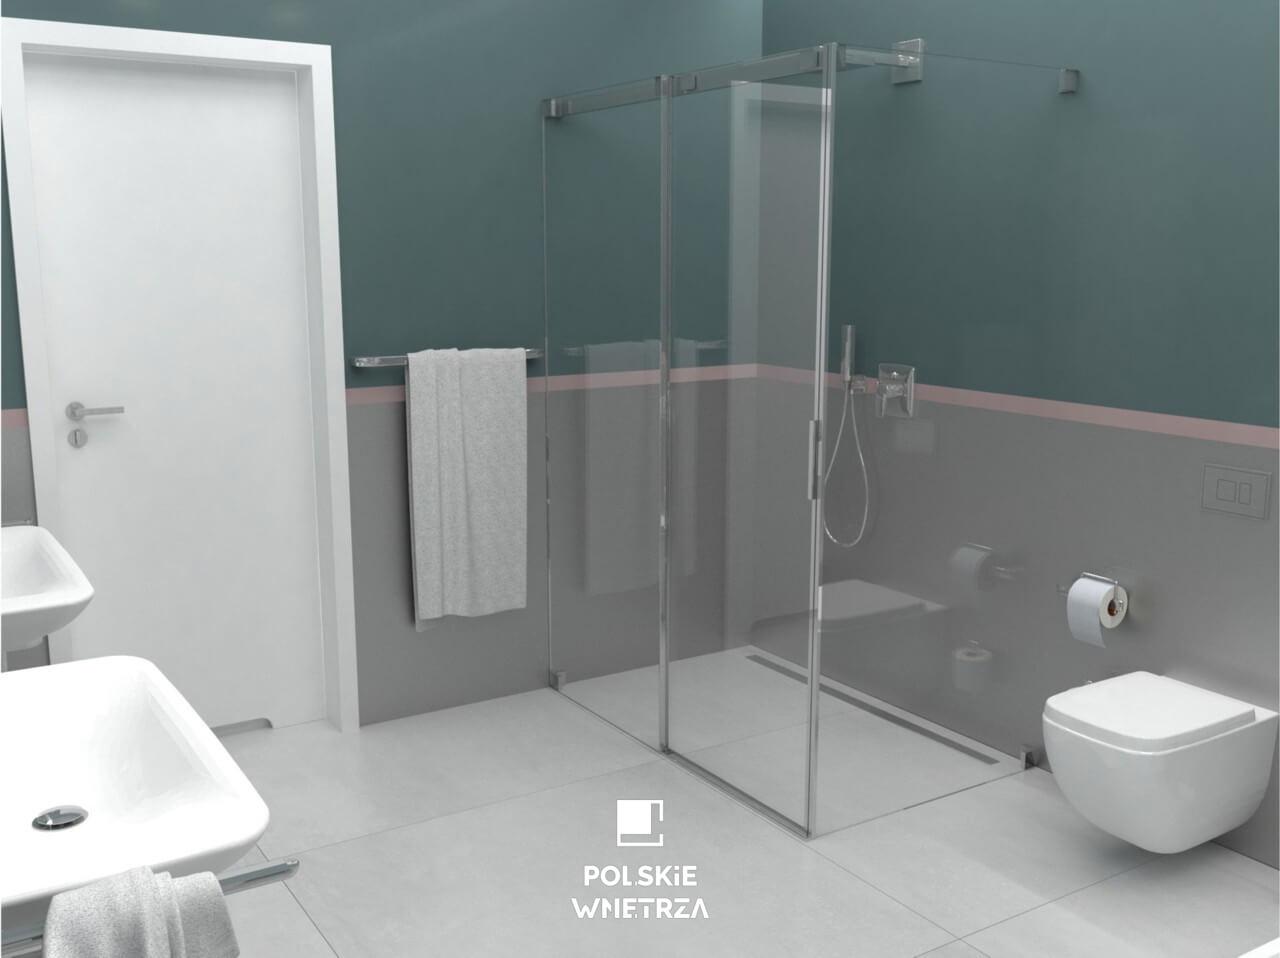 kabina prysznicowa 06